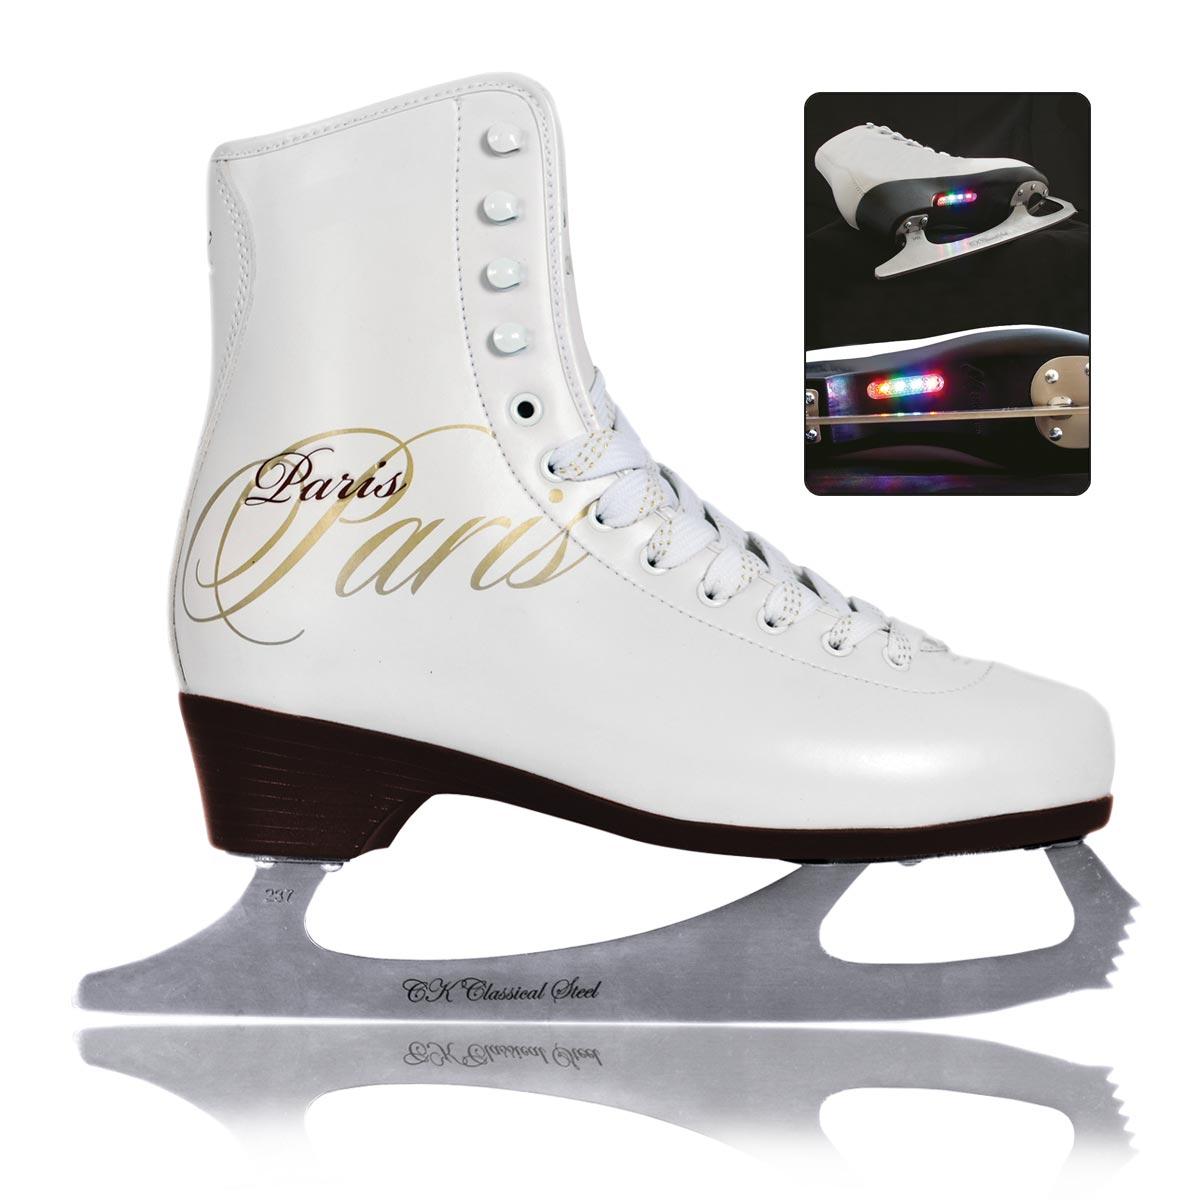 Коньки фигурные для девочки СК Paris Lux Fur, цвет: белый. Размер 30